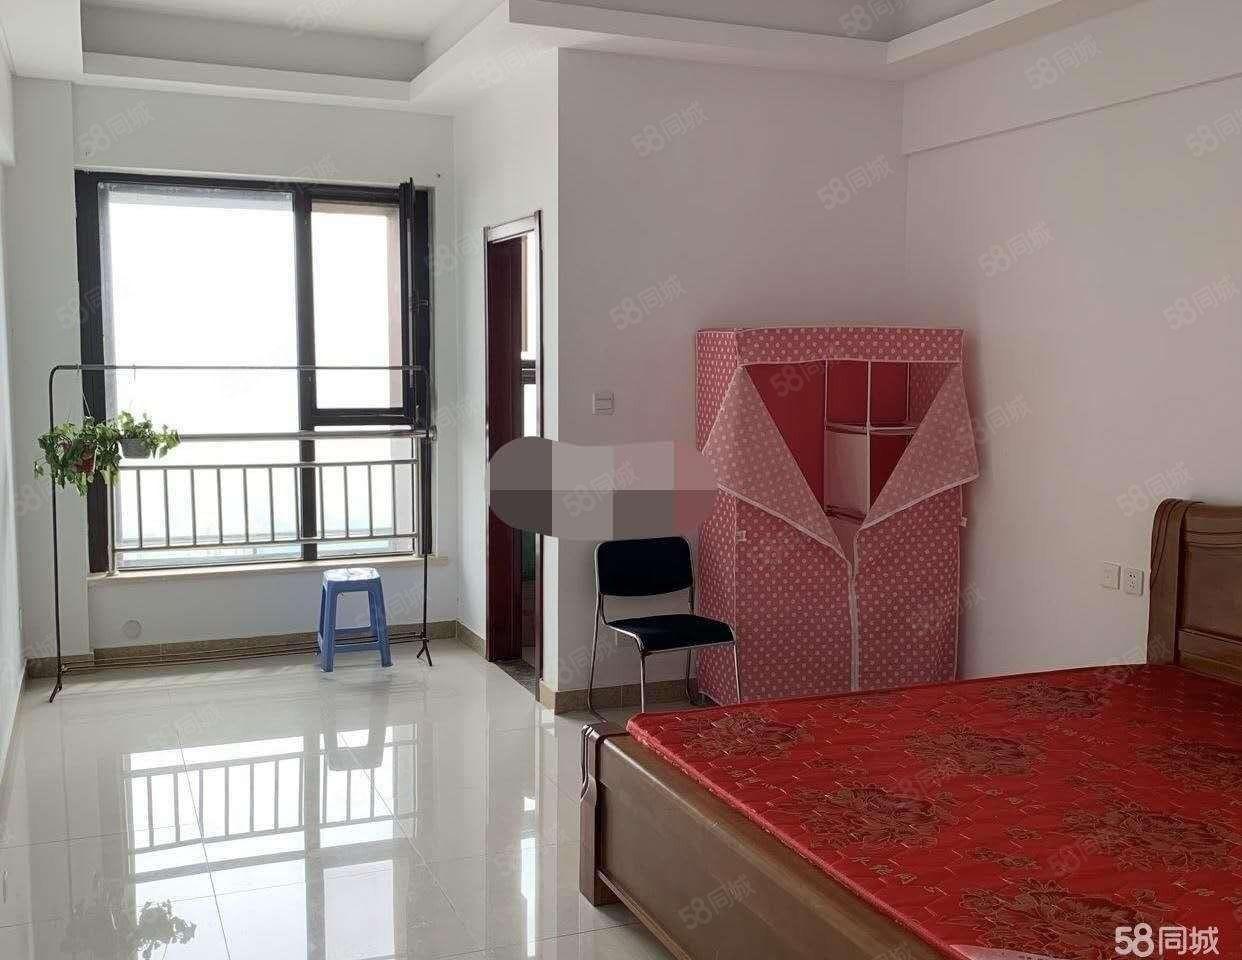 红星国际广场公寓出租可加空调.免费停车随时看房.